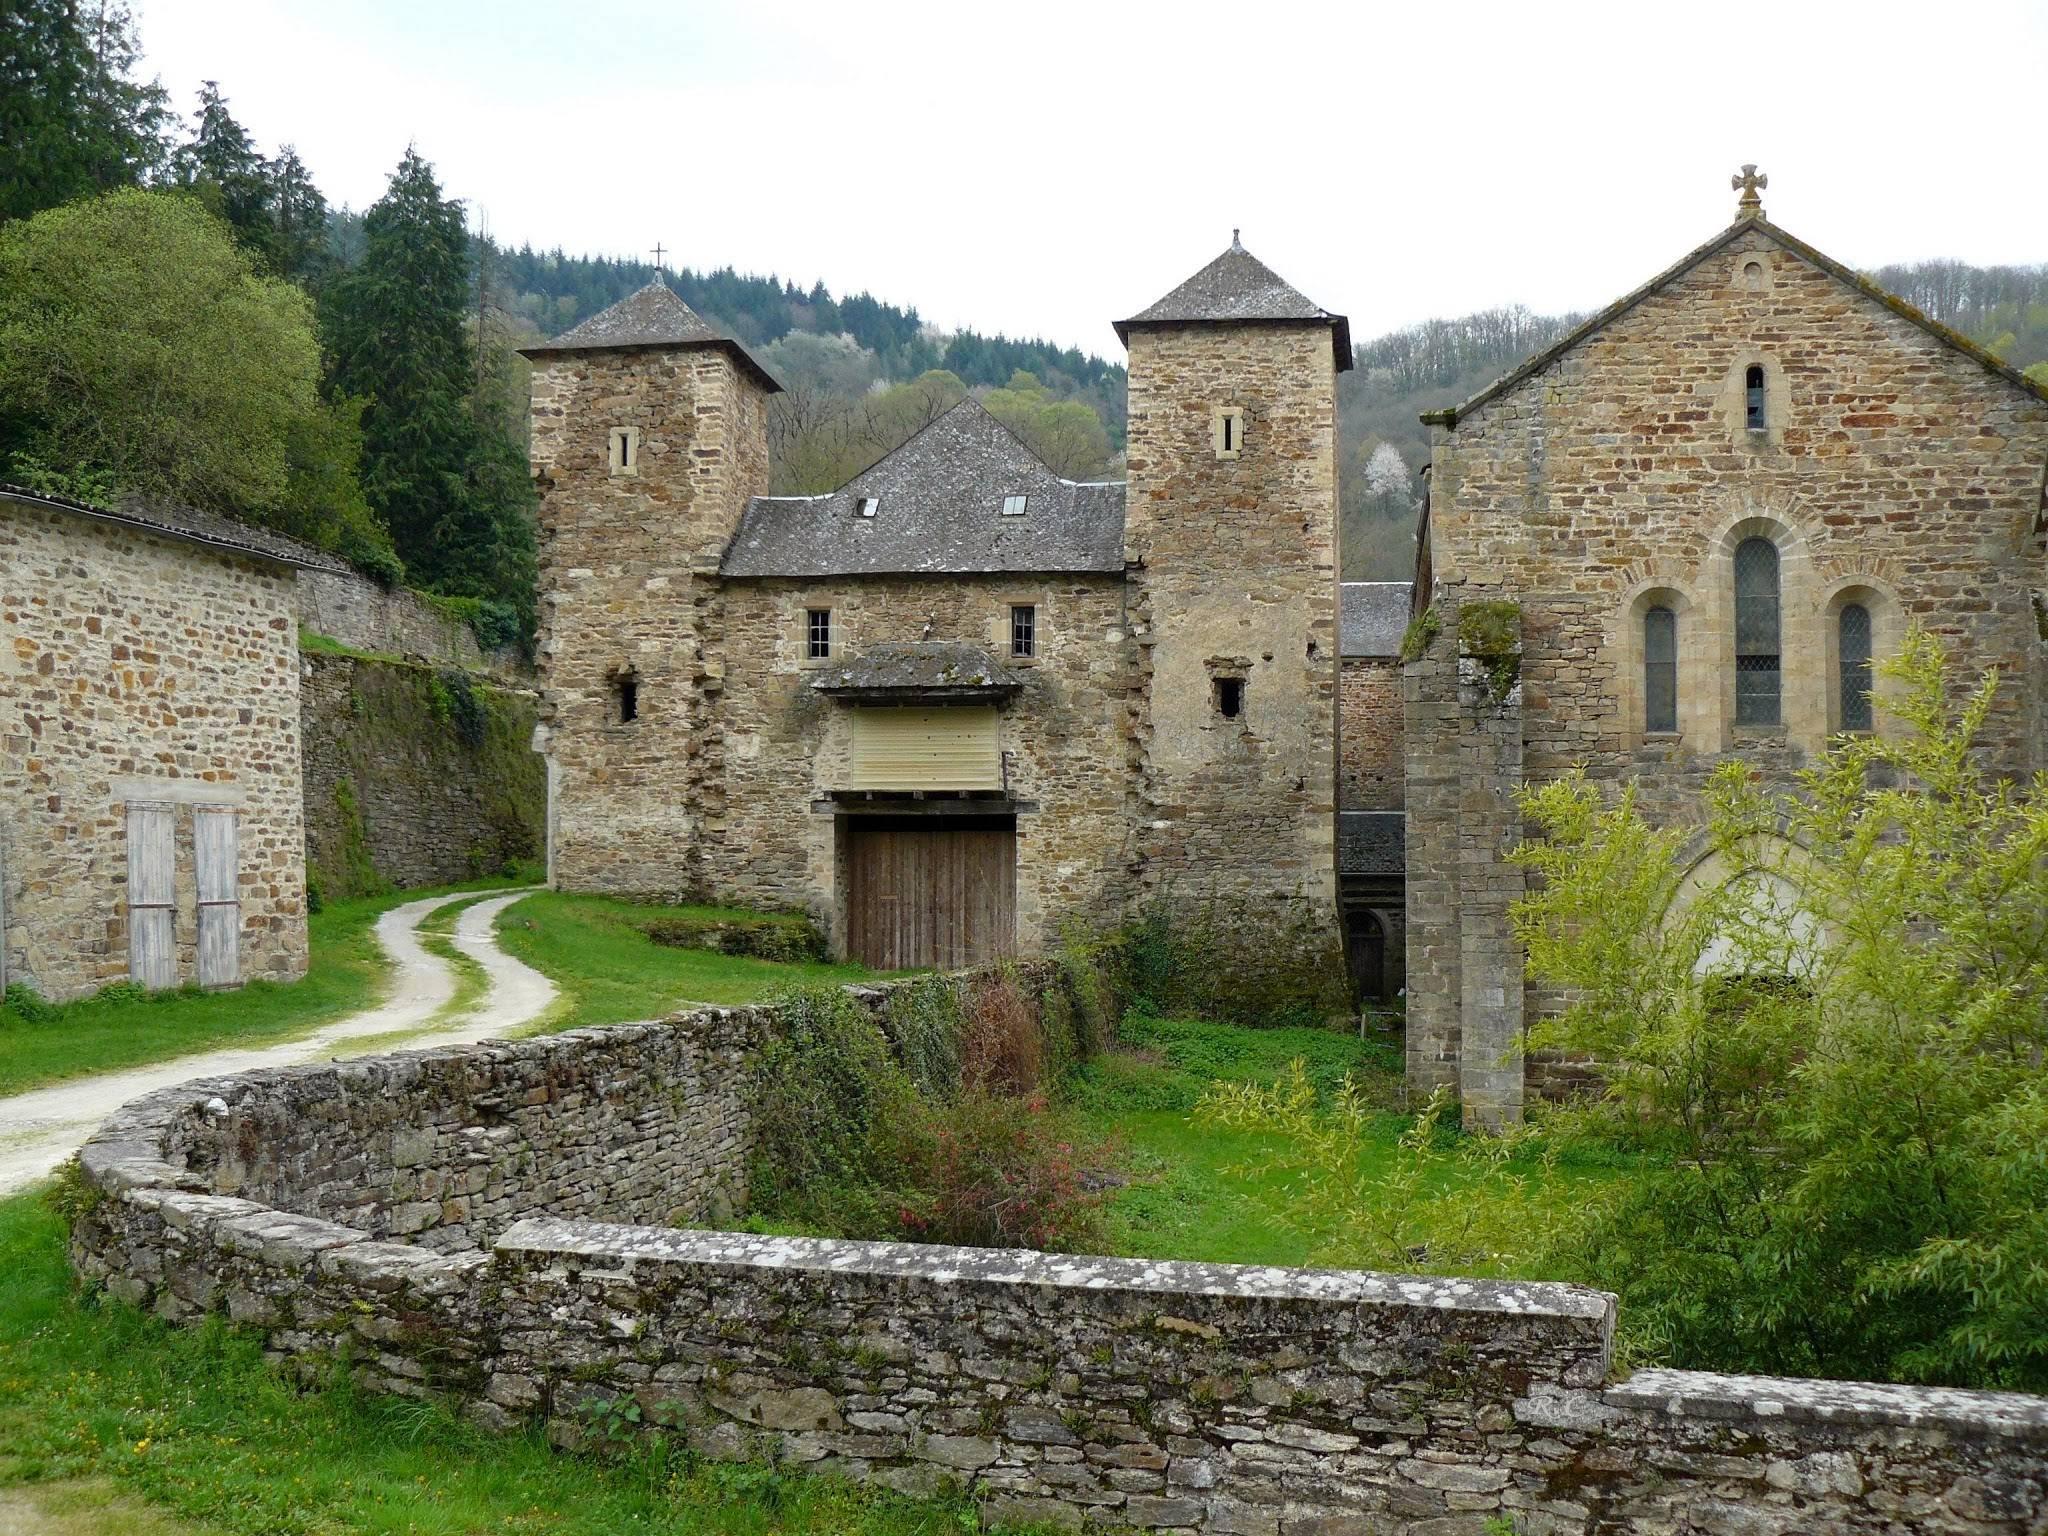 We rijden langs een mooie abdij (Foto: Panoramio)